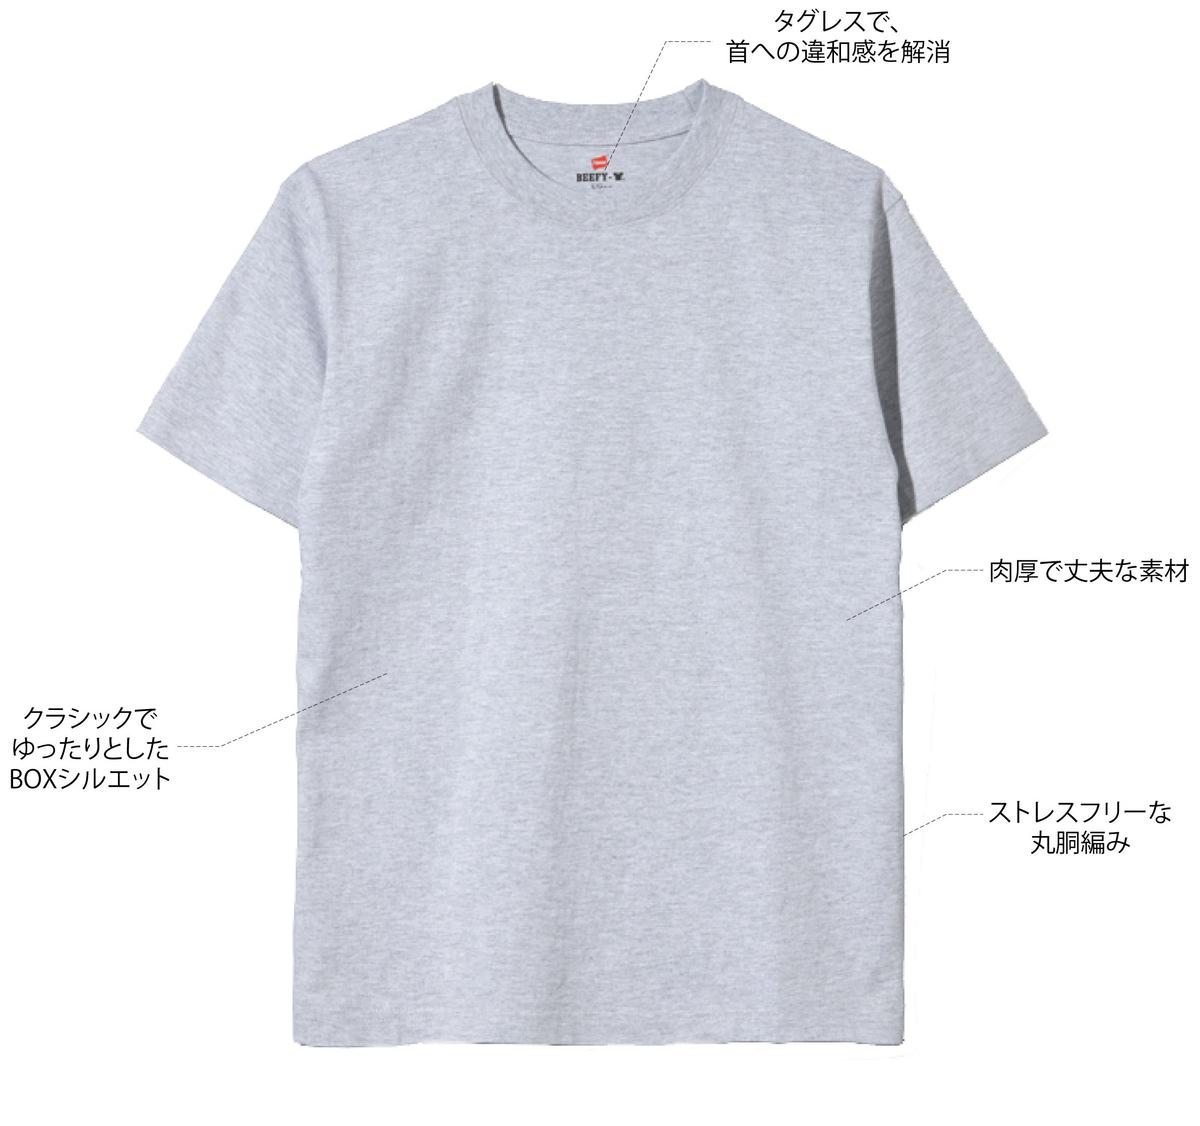 f:id:bo-yang:20210329222757j:plain